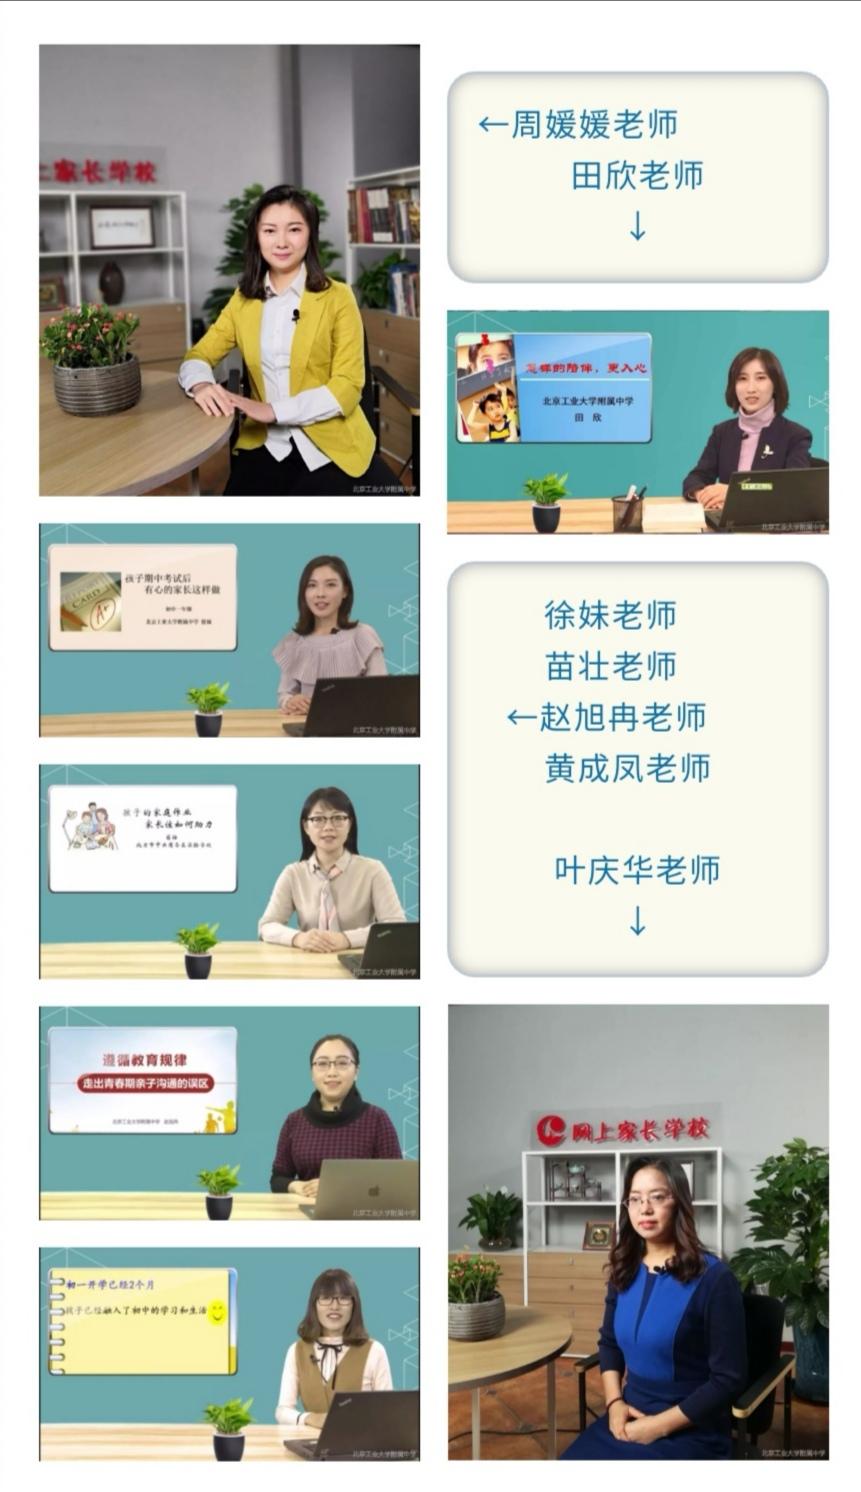 09工作室成员参与朝阳区网课录制.jpg